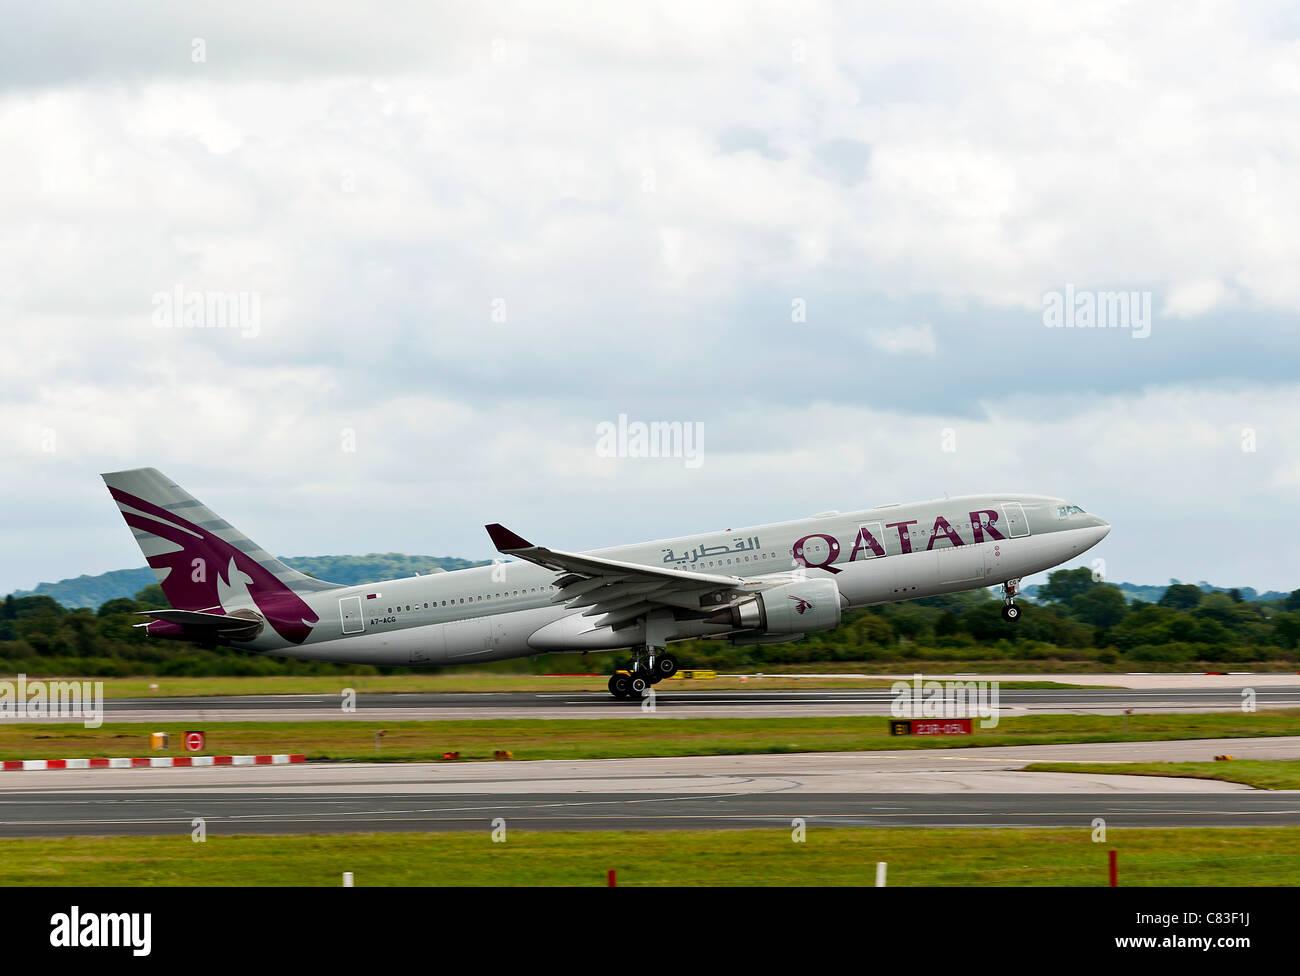 Qatar Airways Airbus A330-202 A7-avion de décoller pour Doha de l'Aéroport International de Manchester en Angleterre Royaume-Uni Banque D'Images